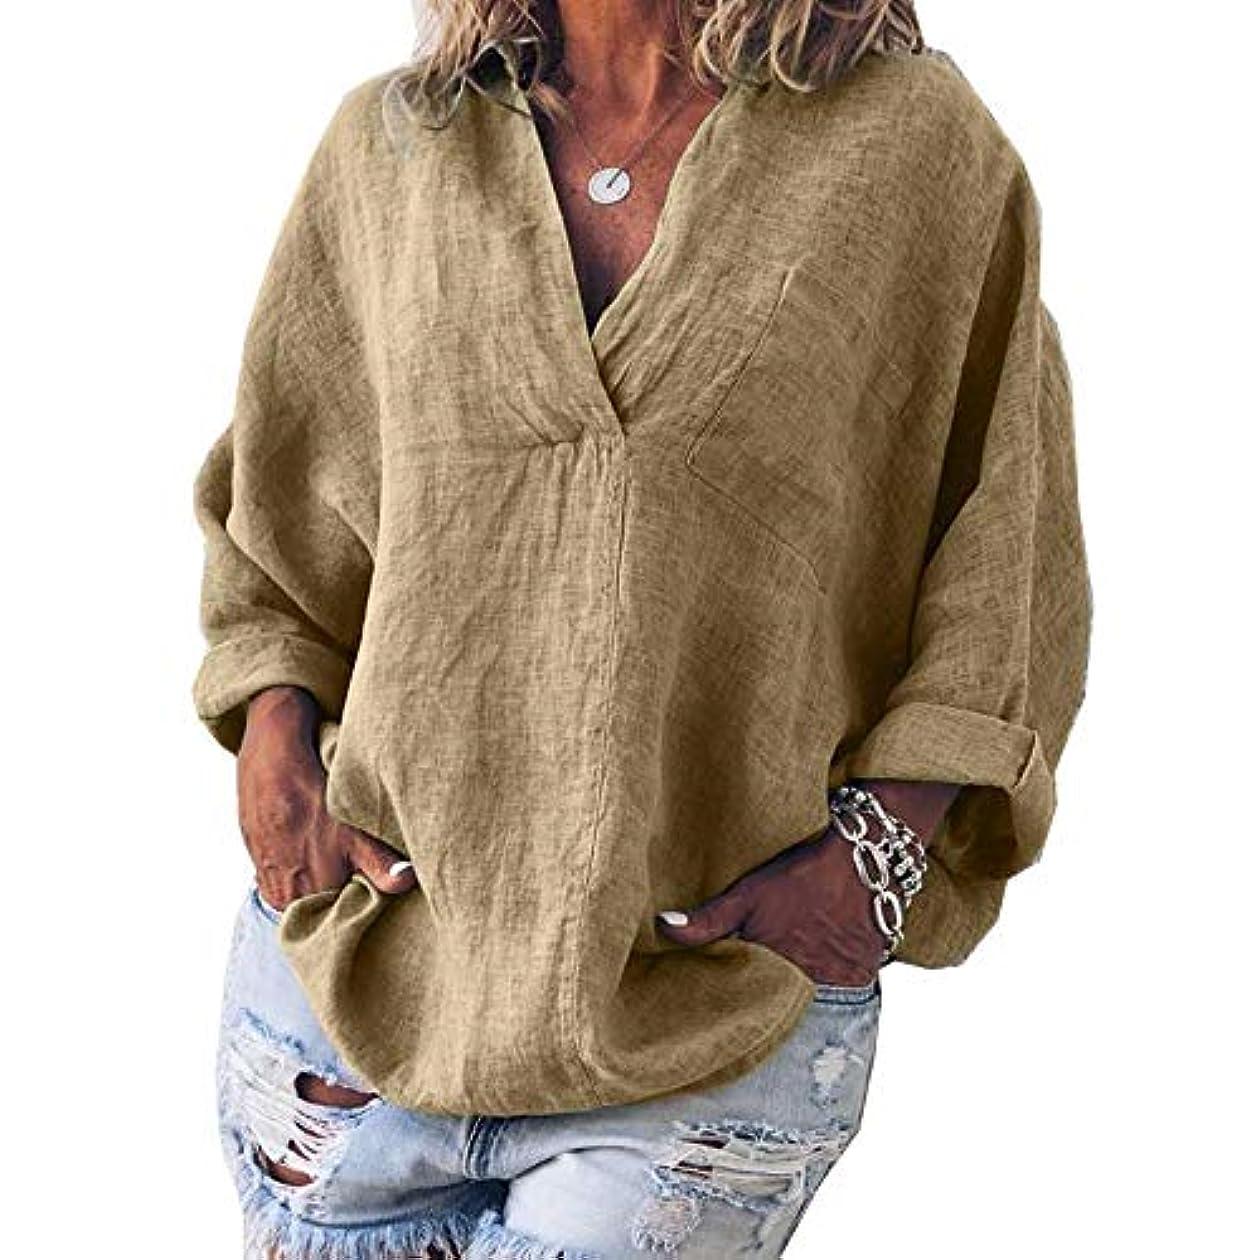 聖職者剃る教えるMIFAN女性ファッション春夏チュニックトップス深いVネックTシャツ長袖プルオーバールーズリネンブラウス